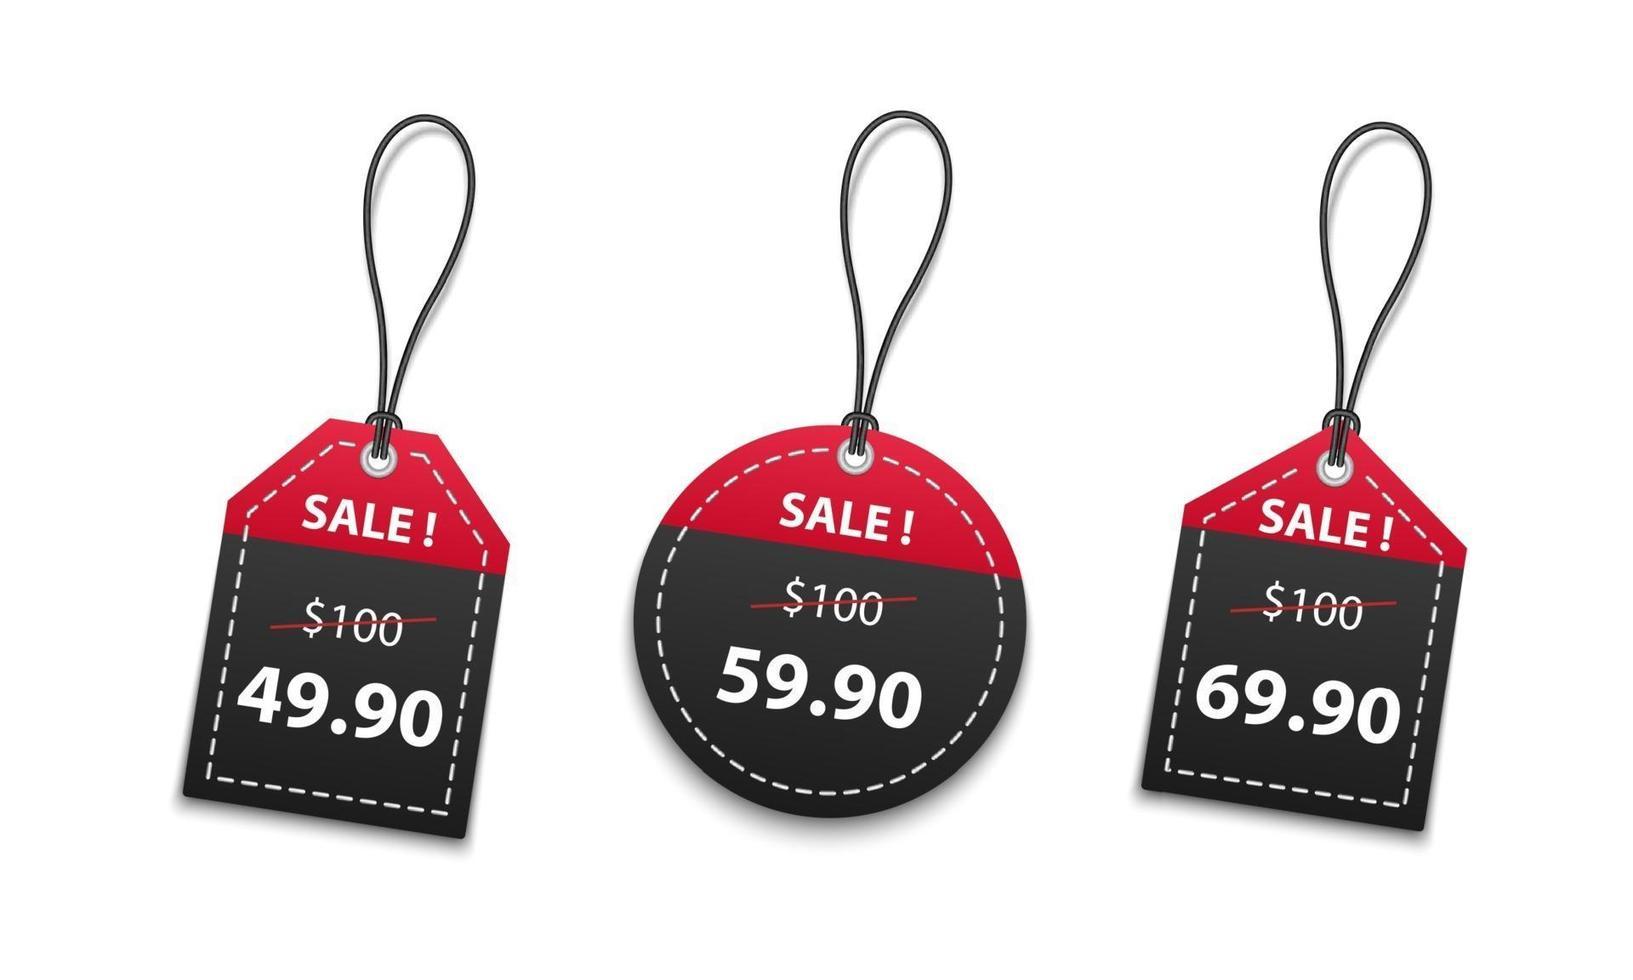 Vente d'étiquettes de prix de papier rouge et noir 3D isolé sur fond blanc, illustration vectorielle vecteur